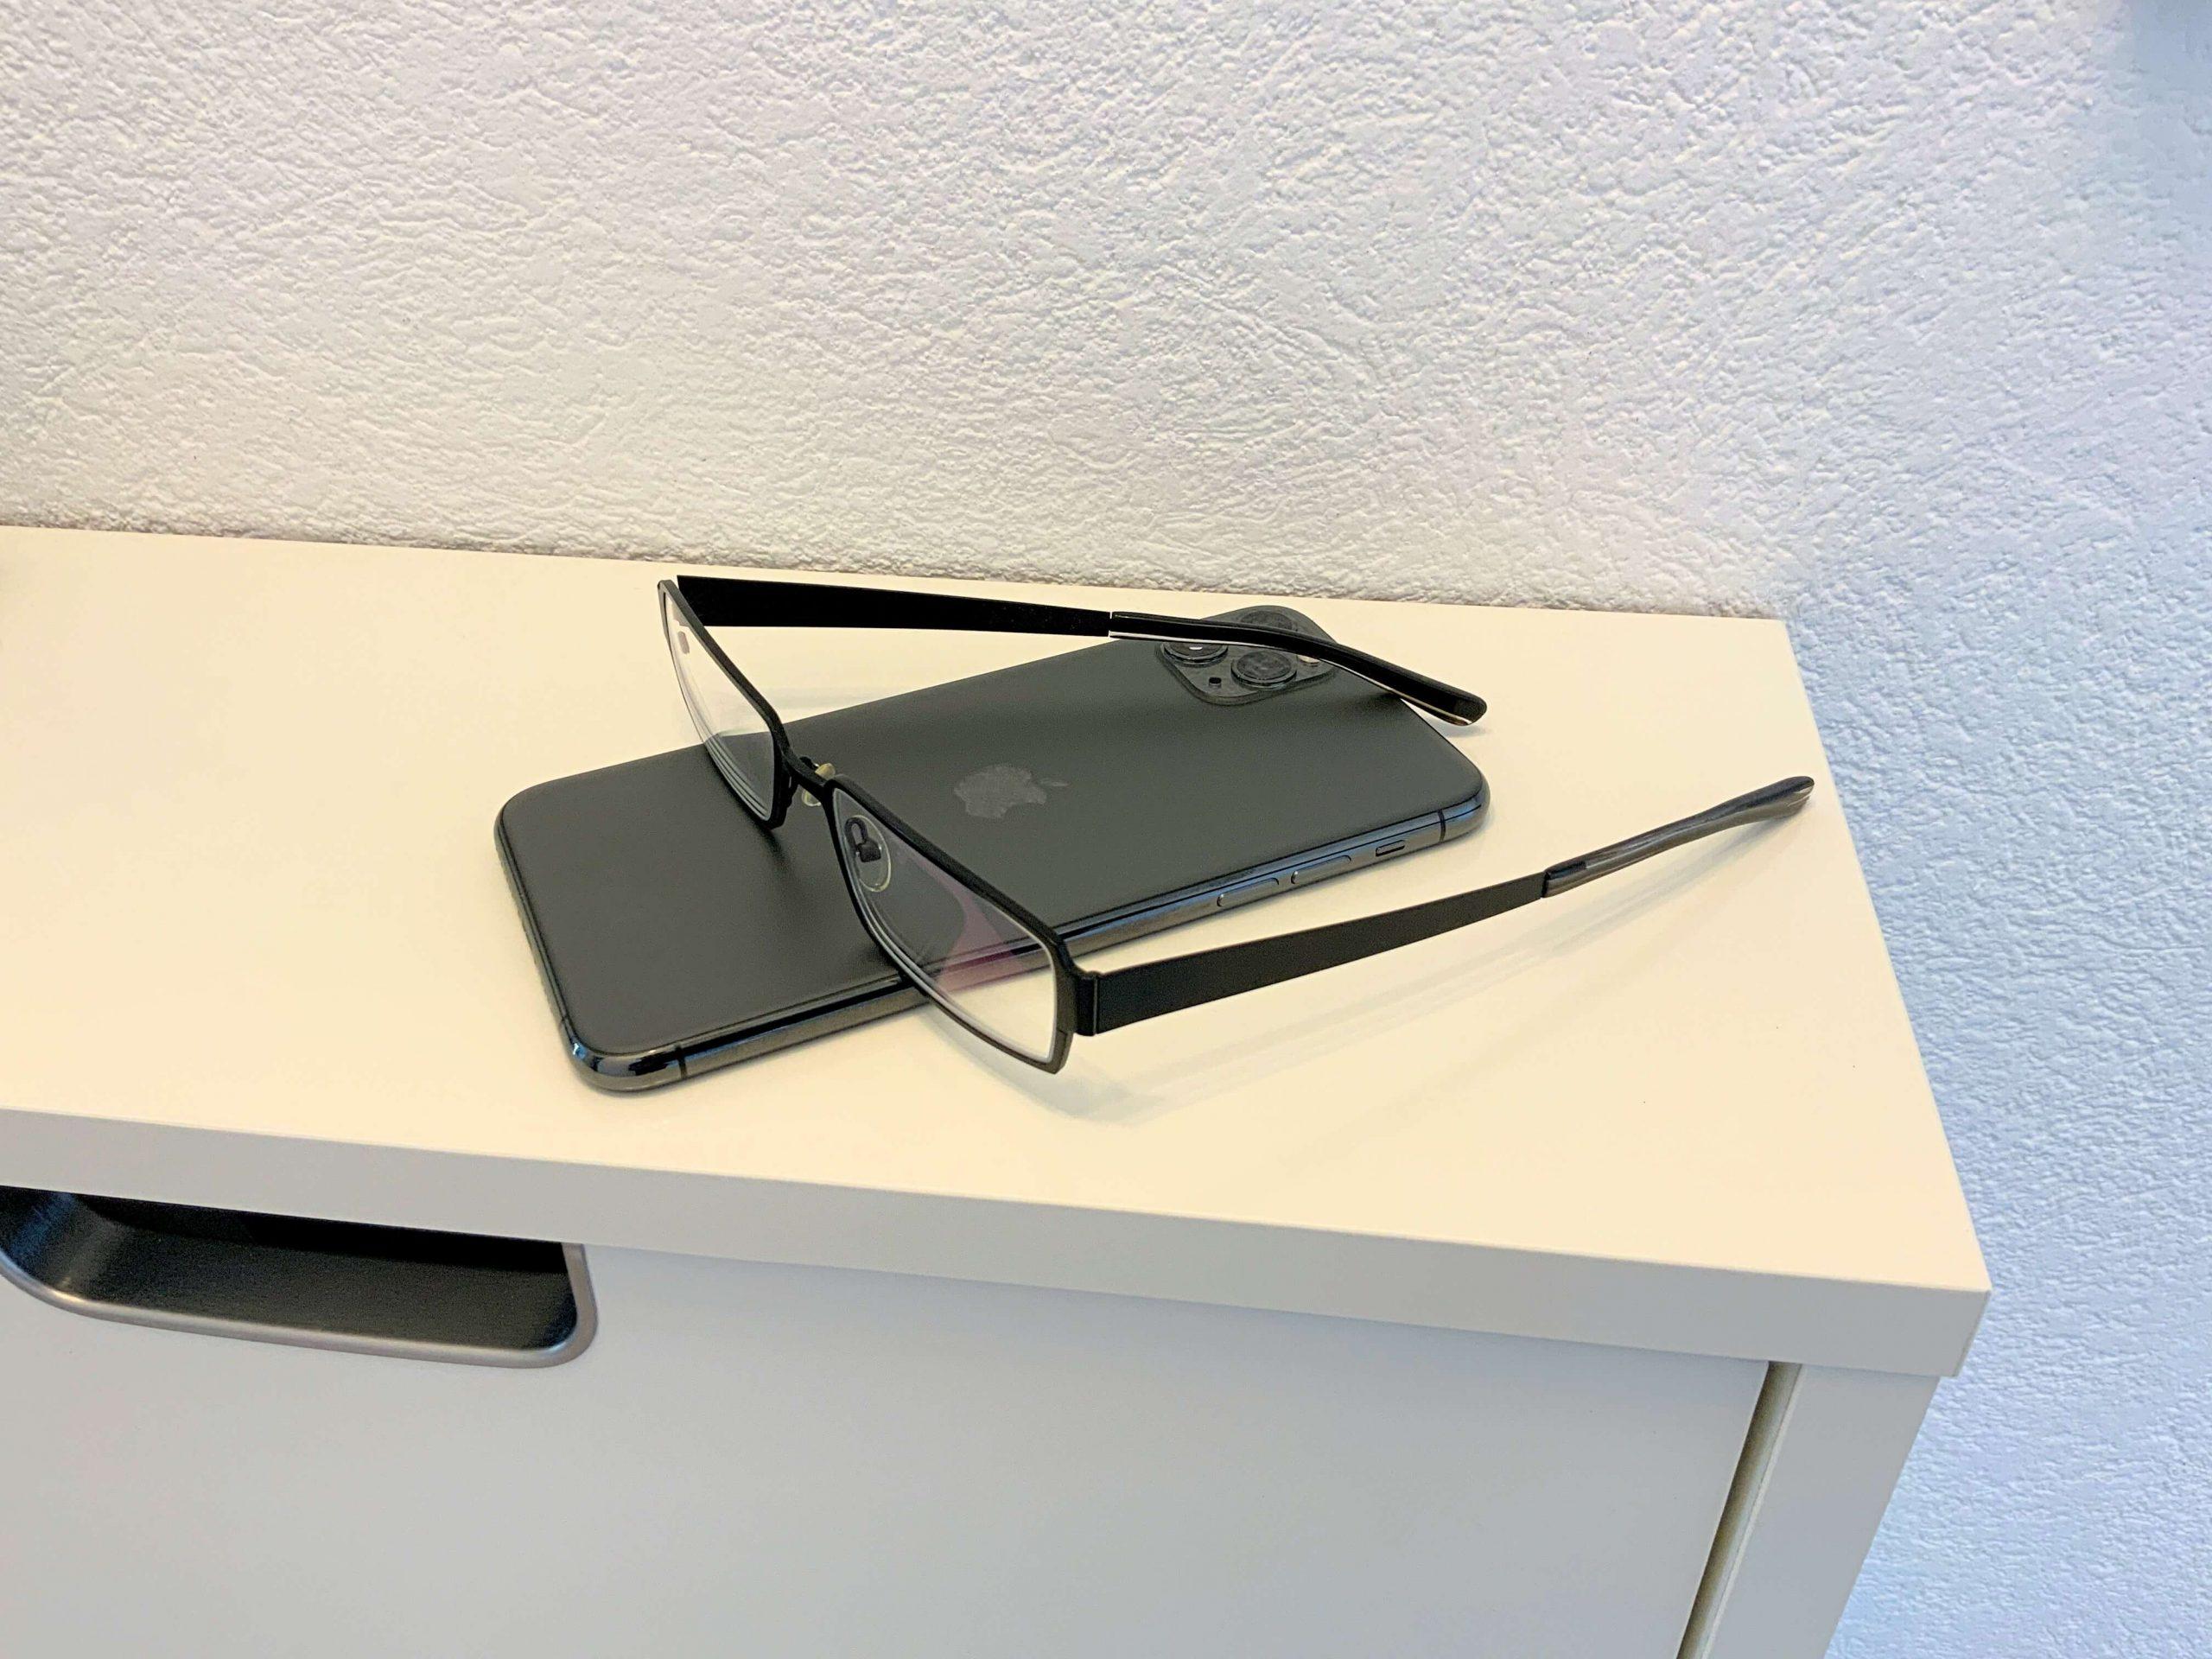 -Glass-mehr-als-eine-gewöhnliche-Brille-scaled  Glass - viel mehr als eine gewöhnliche Brille? Teil 1